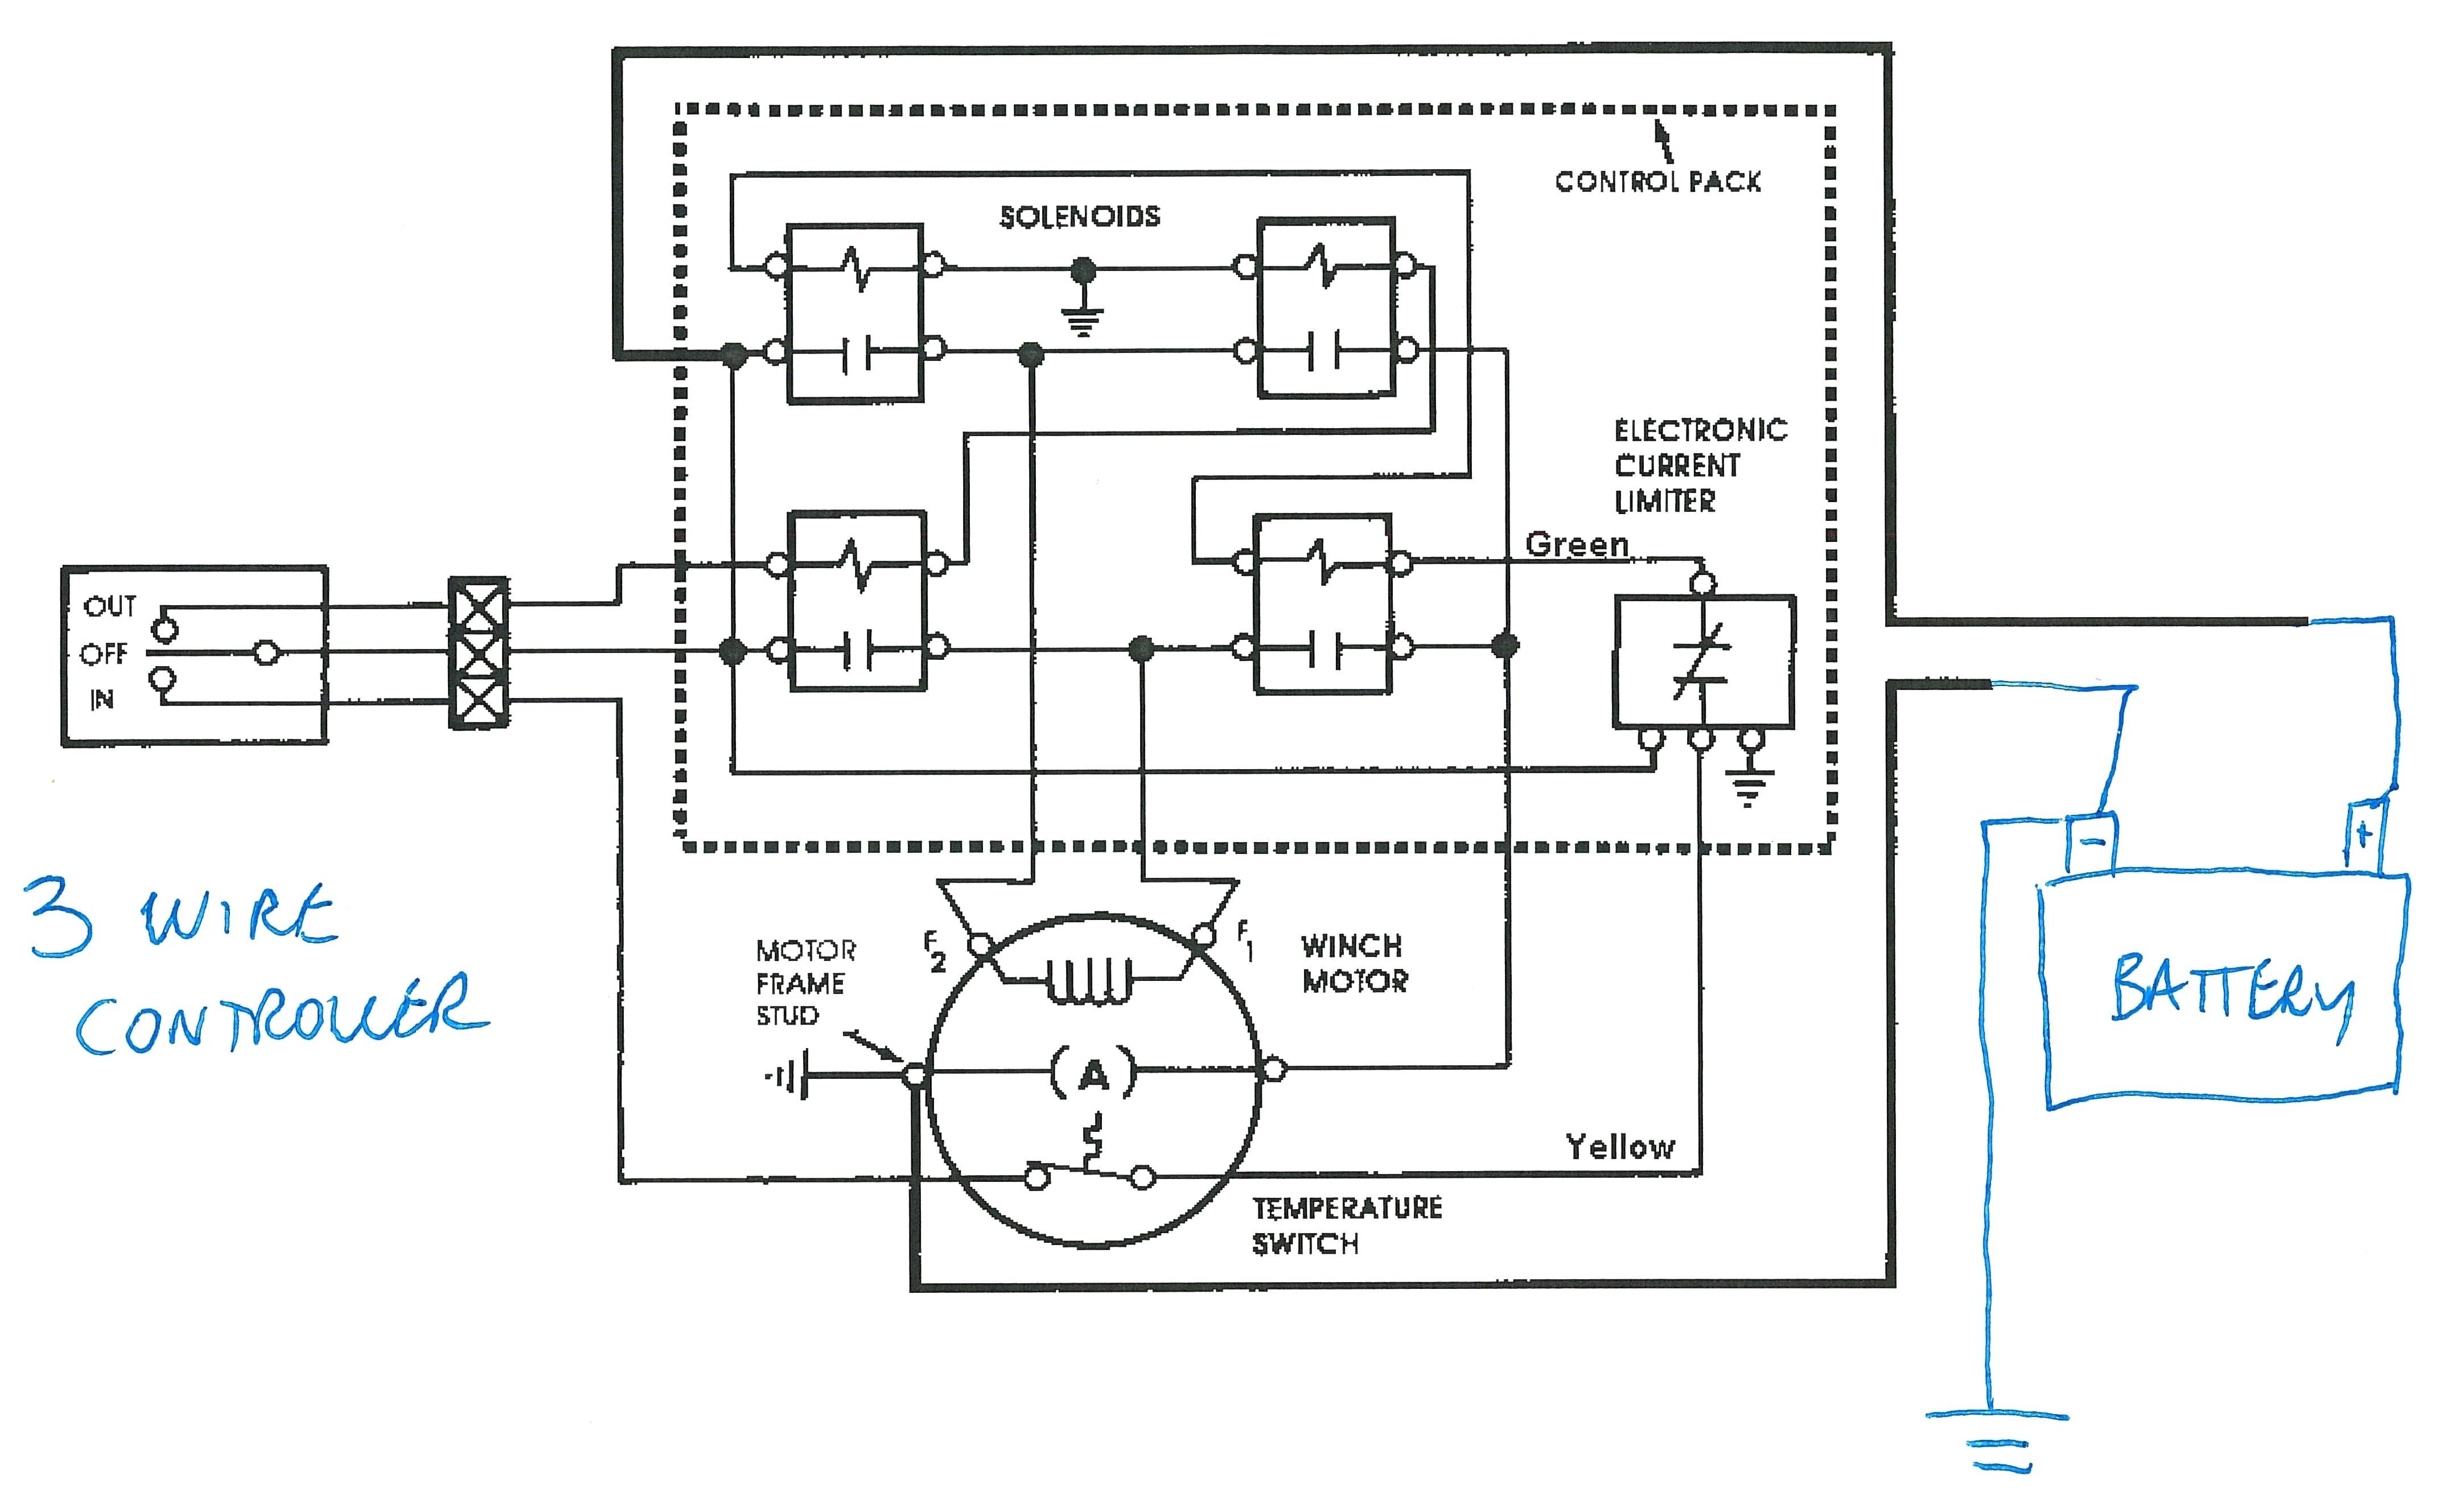 Cat Solenoid Wiring Diagram | Schematic Diagram - Winch Solenoid Wiring Diagram